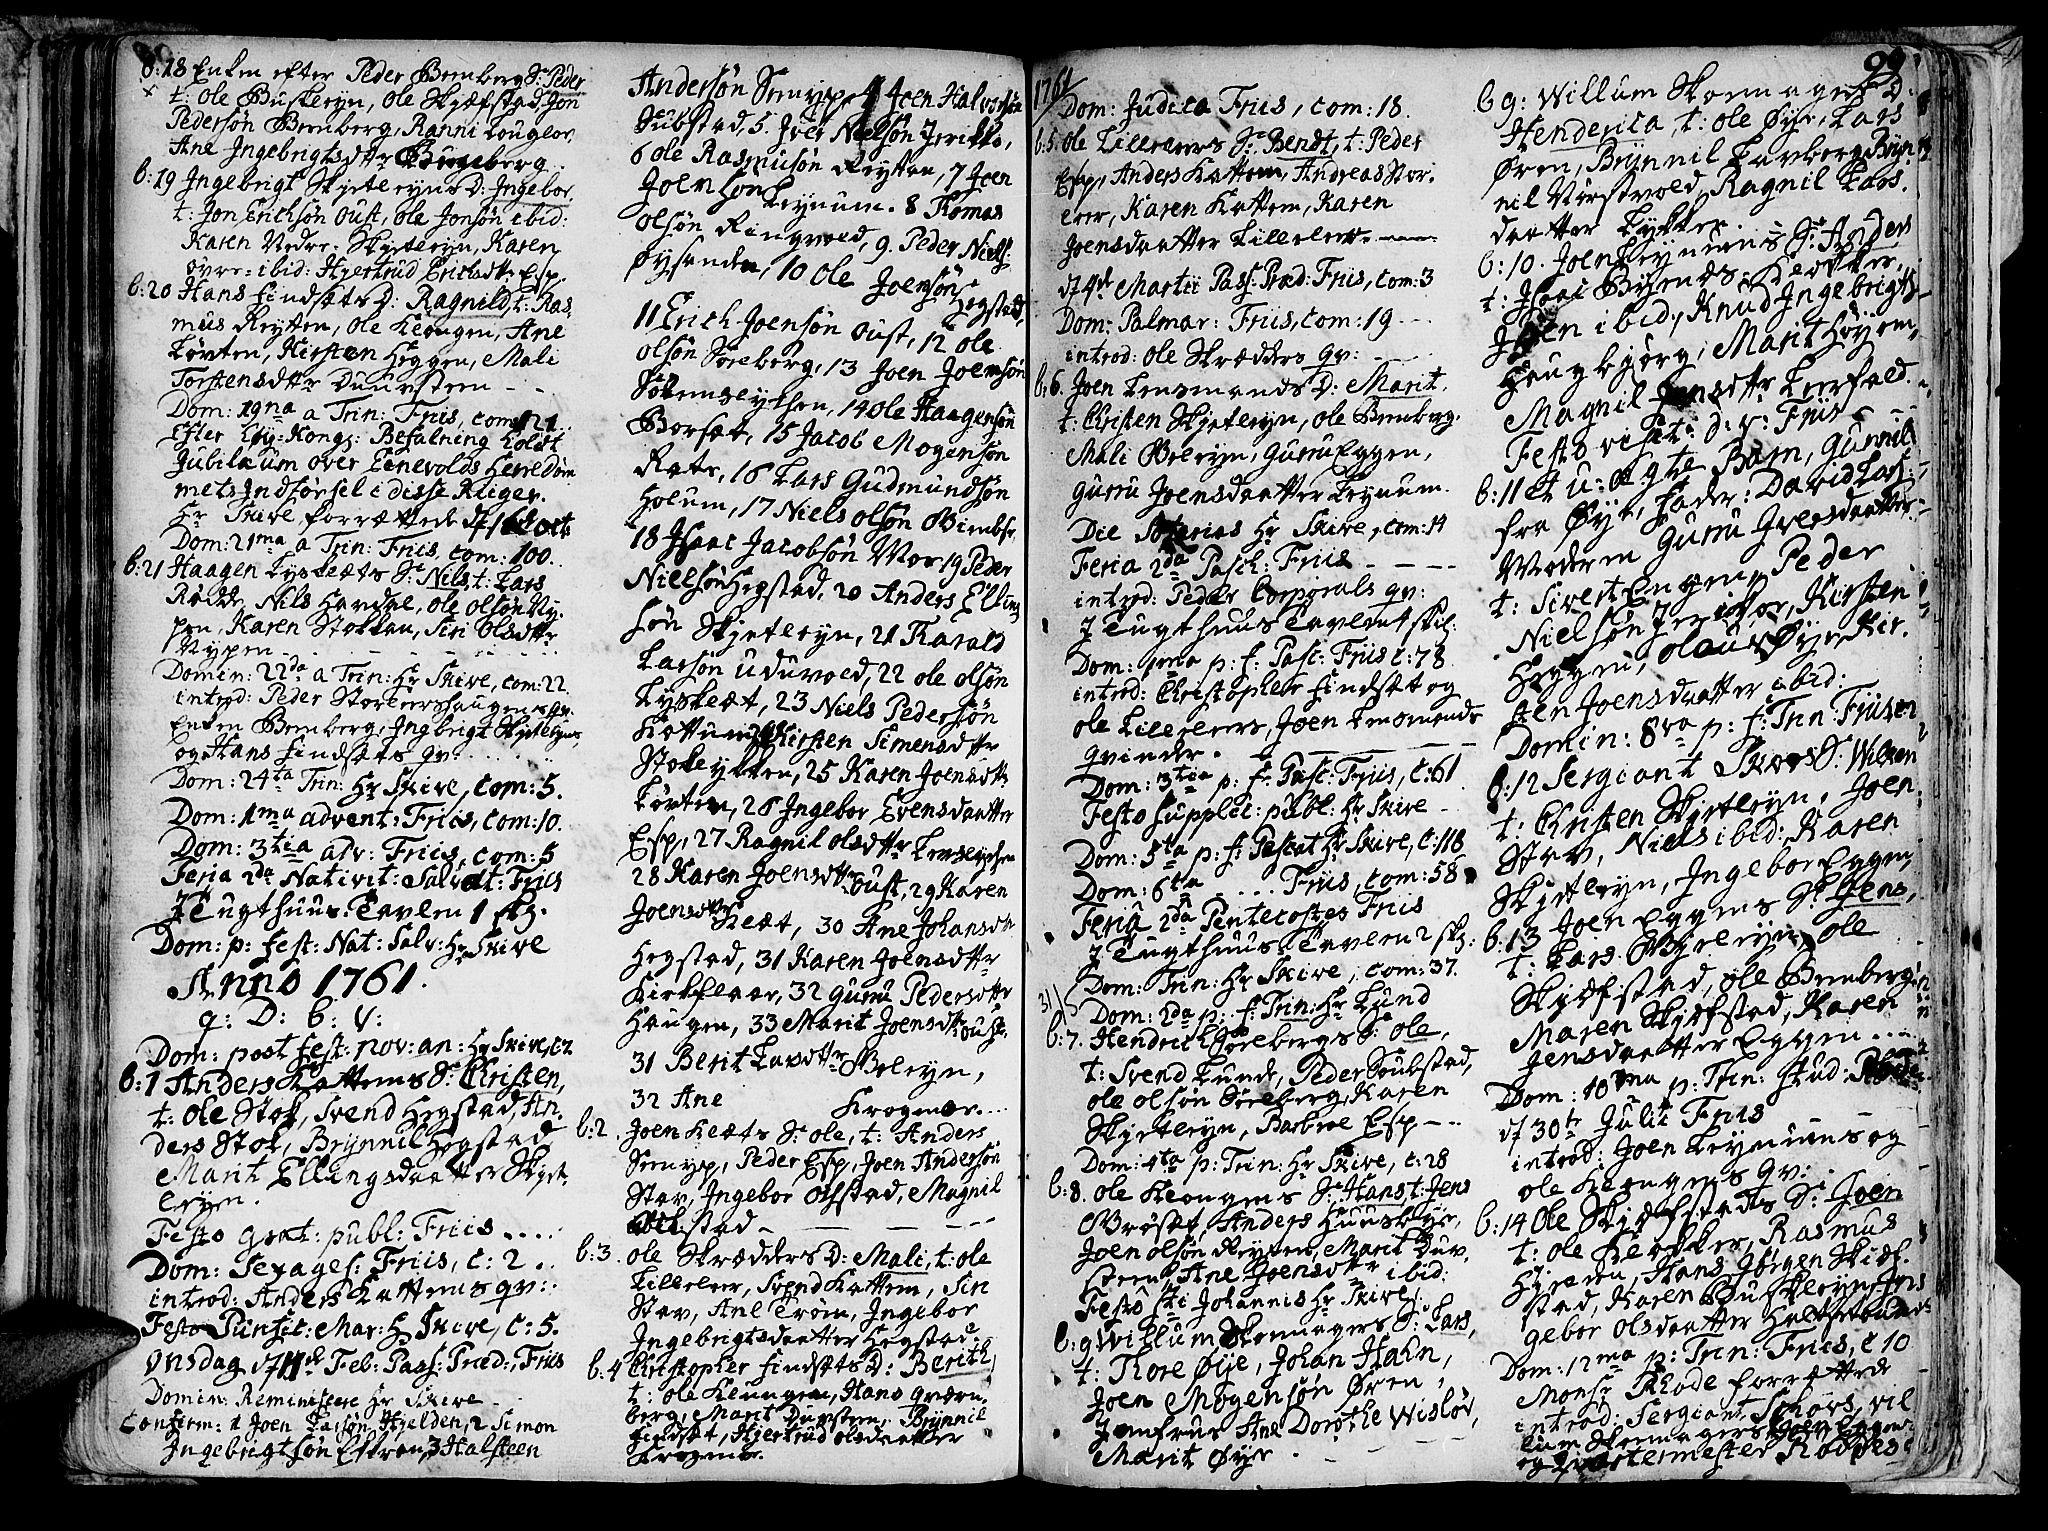 SAT, Ministerialprotokoller, klokkerbøker og fødselsregistre - Sør-Trøndelag, 691/L1059: Ministerialbok nr. 691A01 /3, 1740-1767, s. 99